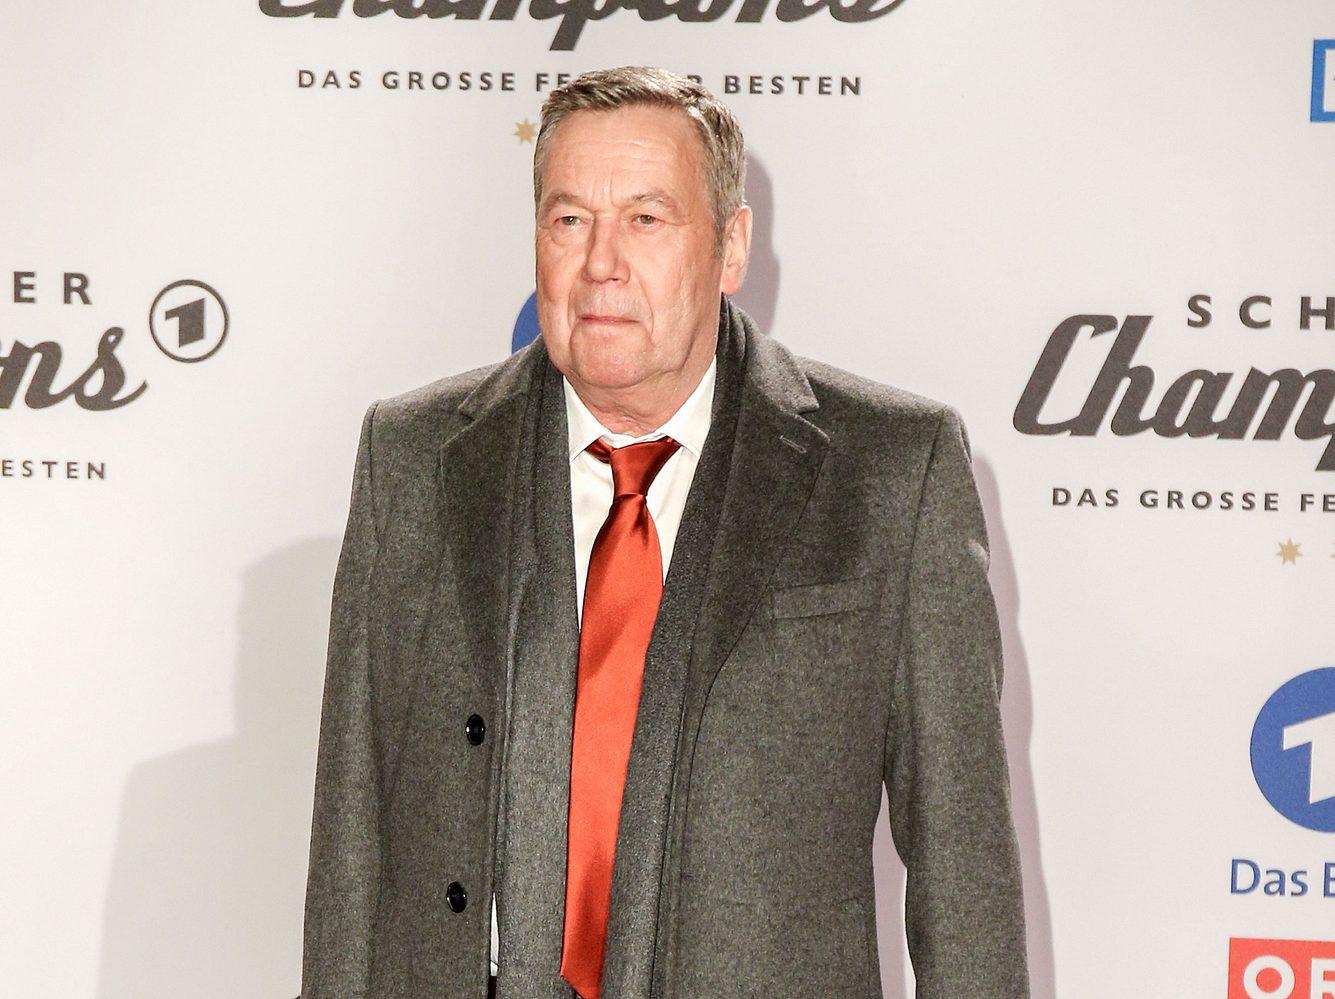 Schlagerstar Roland Kaiser